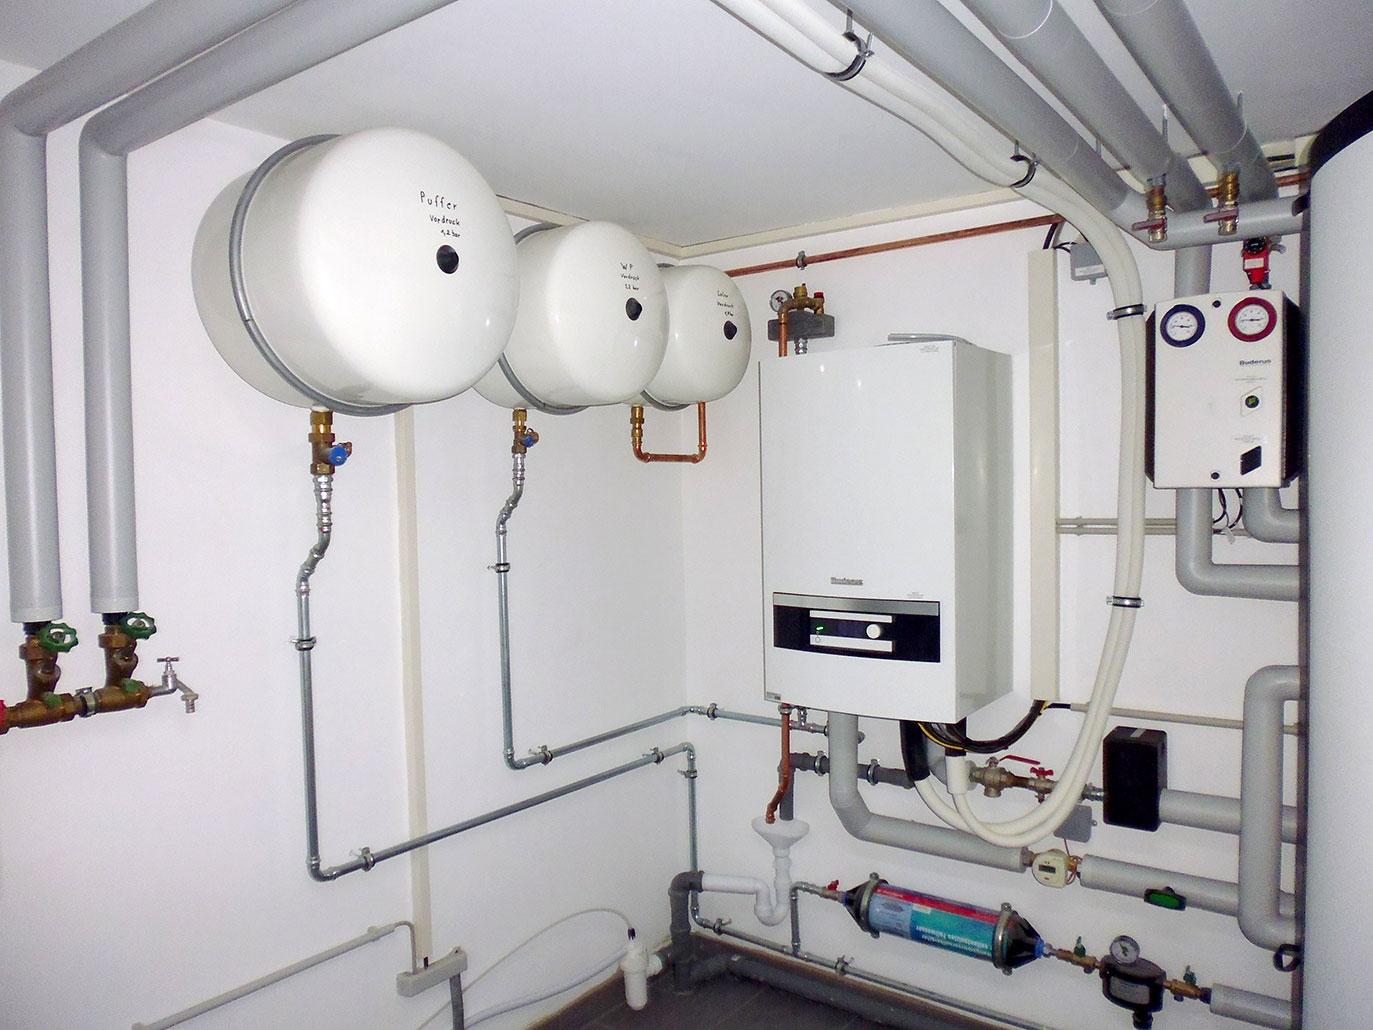 Luft/Wasser-Wärmepumpe EFH Neckarsulm